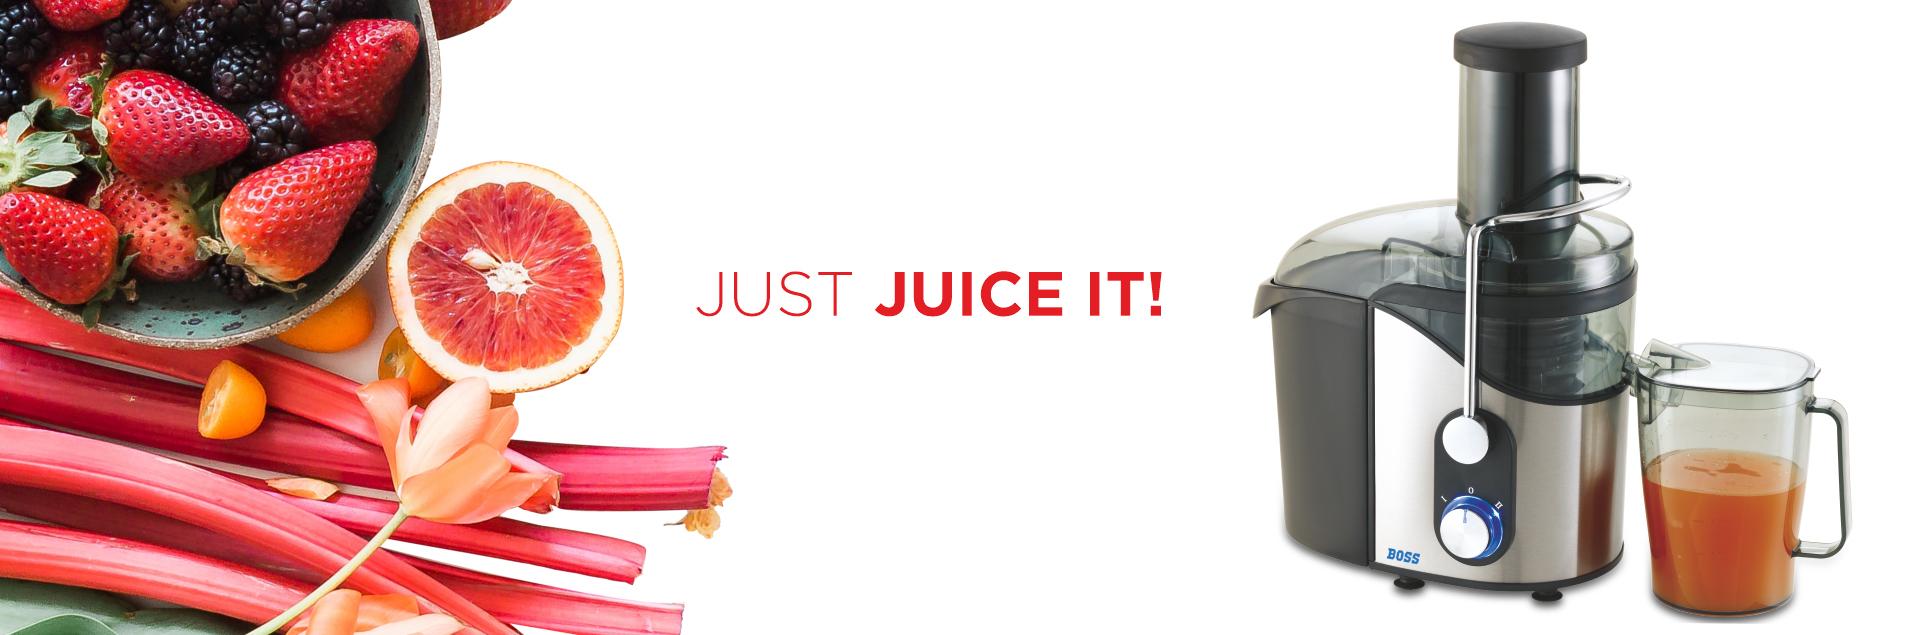 BOSS Juicemaxx Juice Extractor